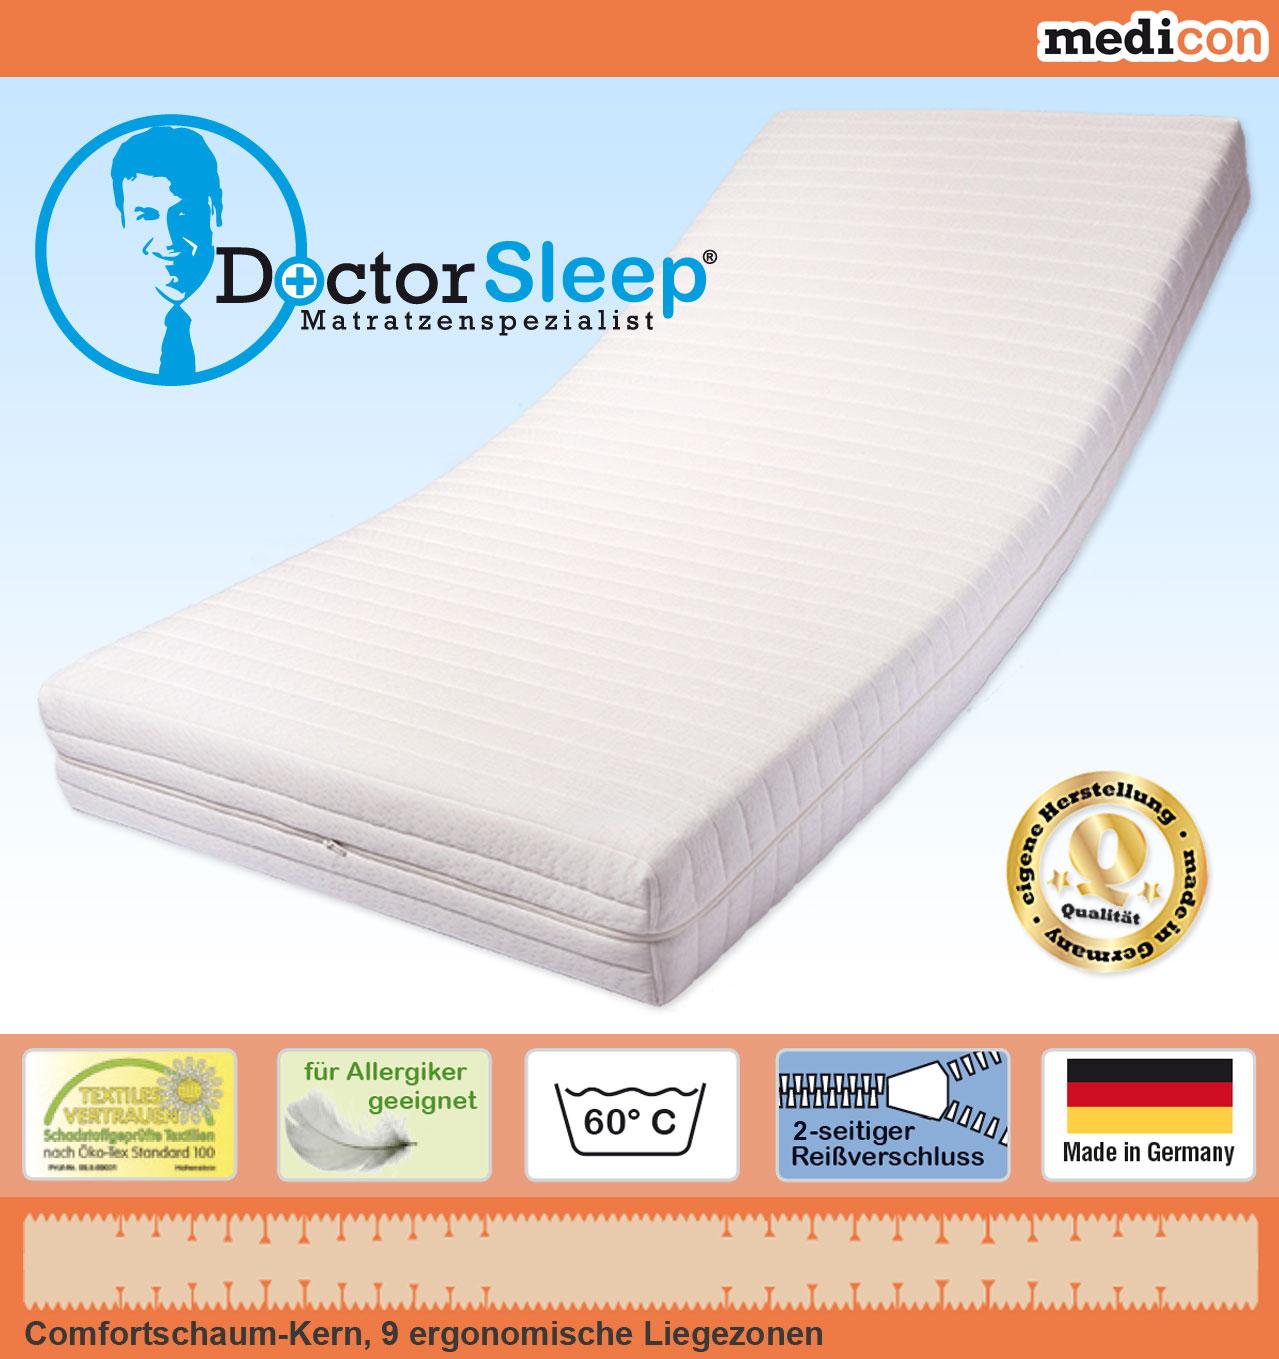 medicon 9 zonen comfortschaum kern matratze g nstig online kaufen. Black Bedroom Furniture Sets. Home Design Ideas